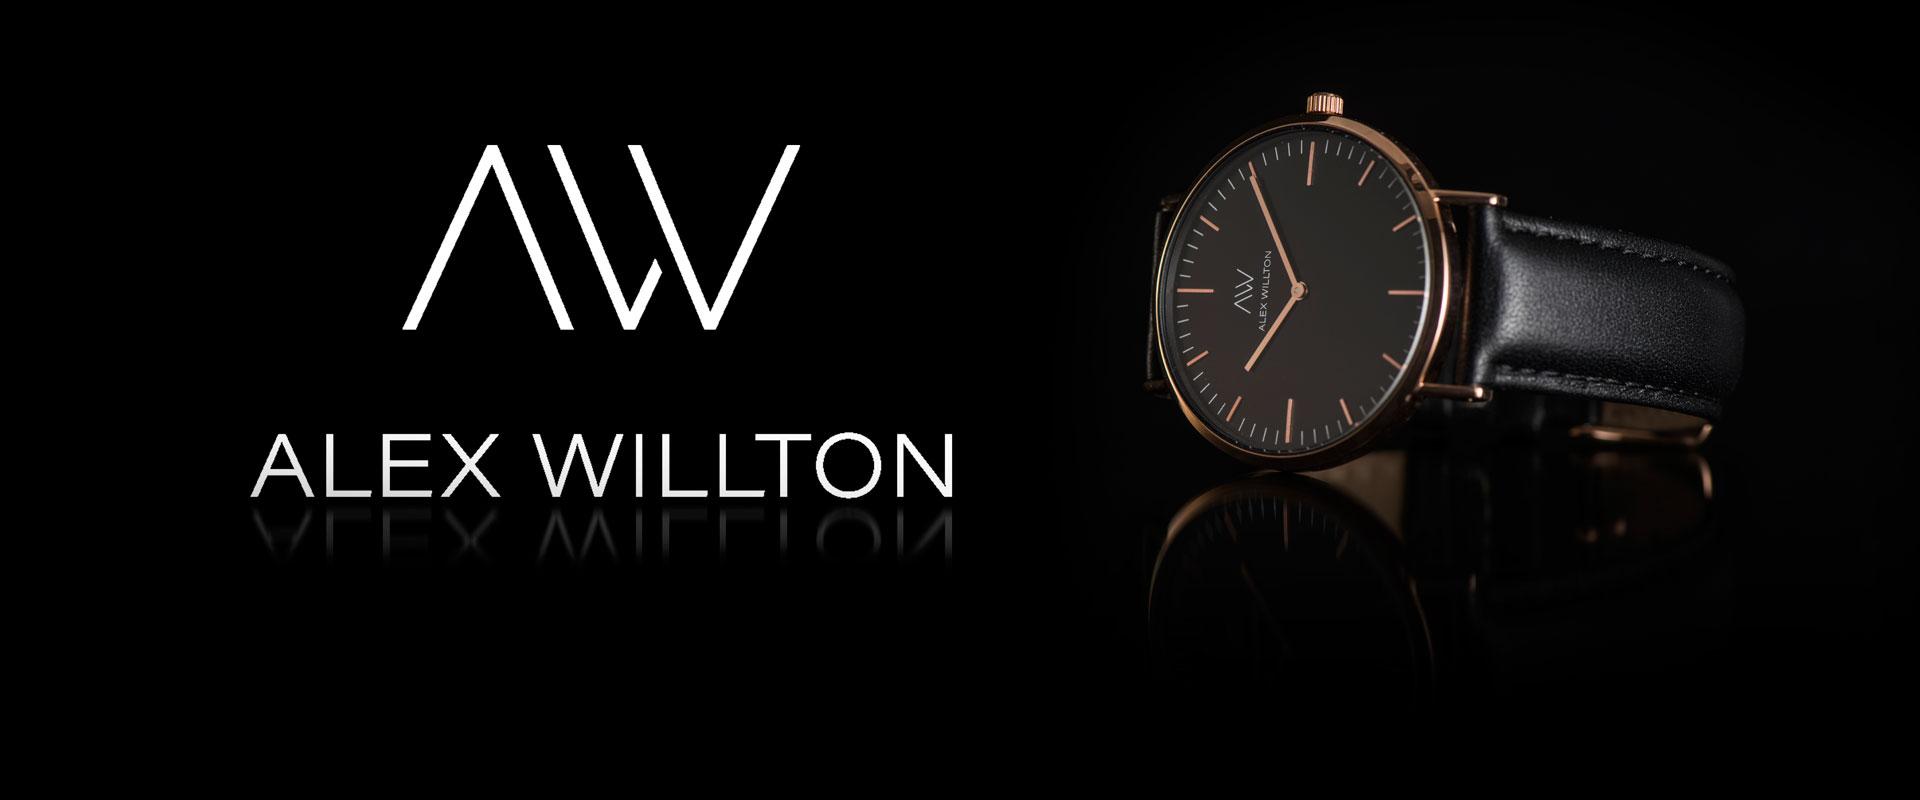 Alex Willton Armbandsur